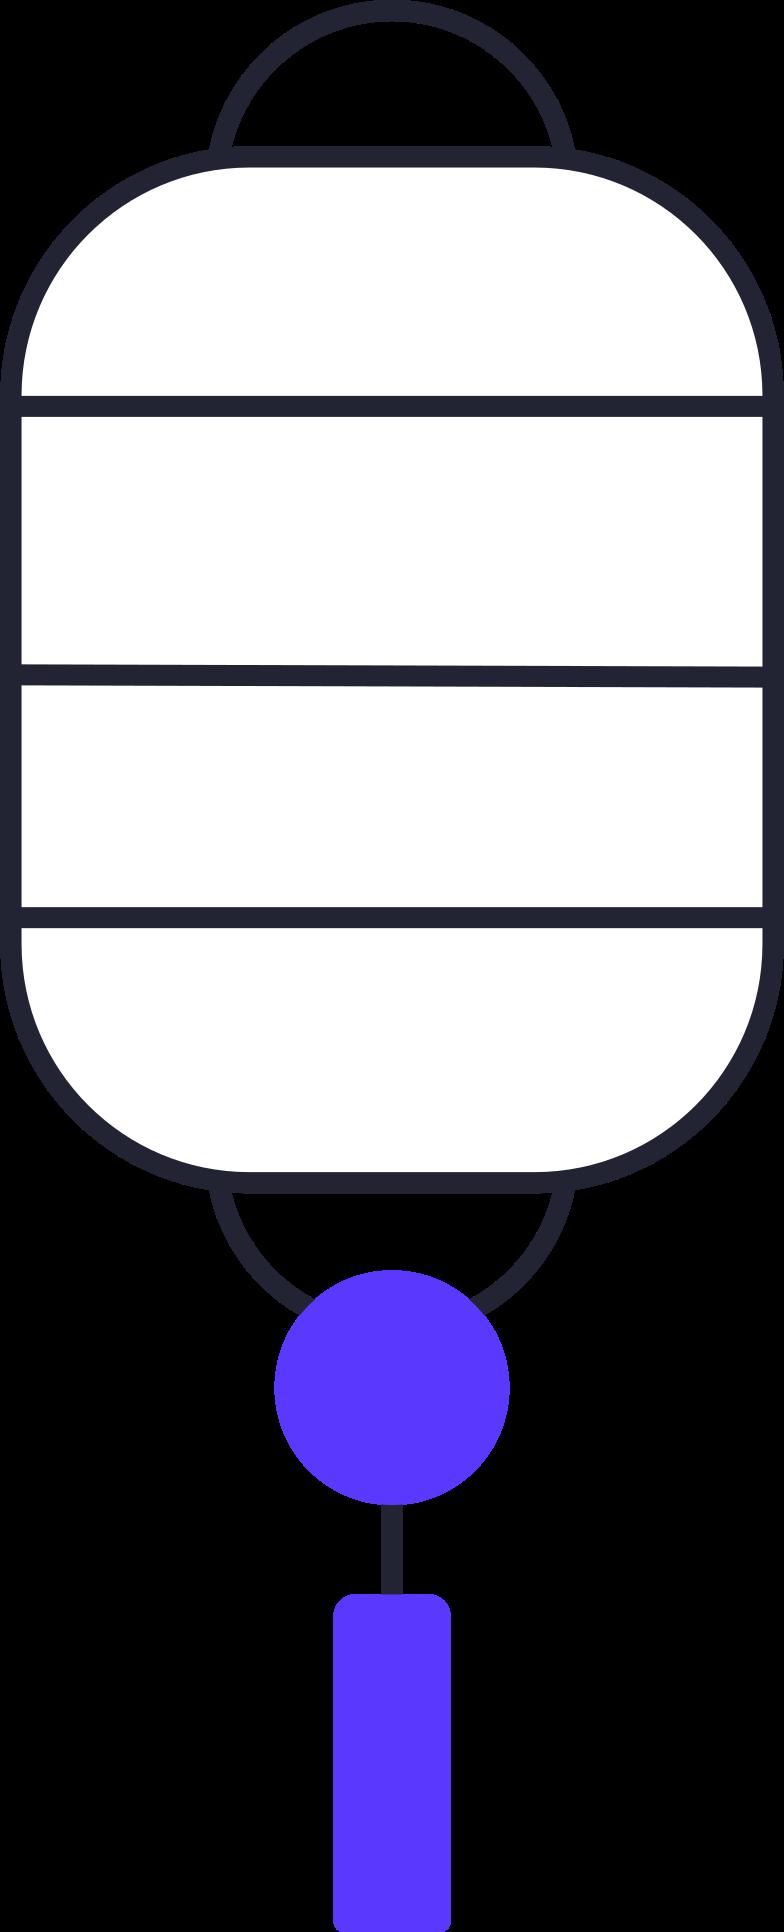 lantern Clipart illustration in PNG, SVG